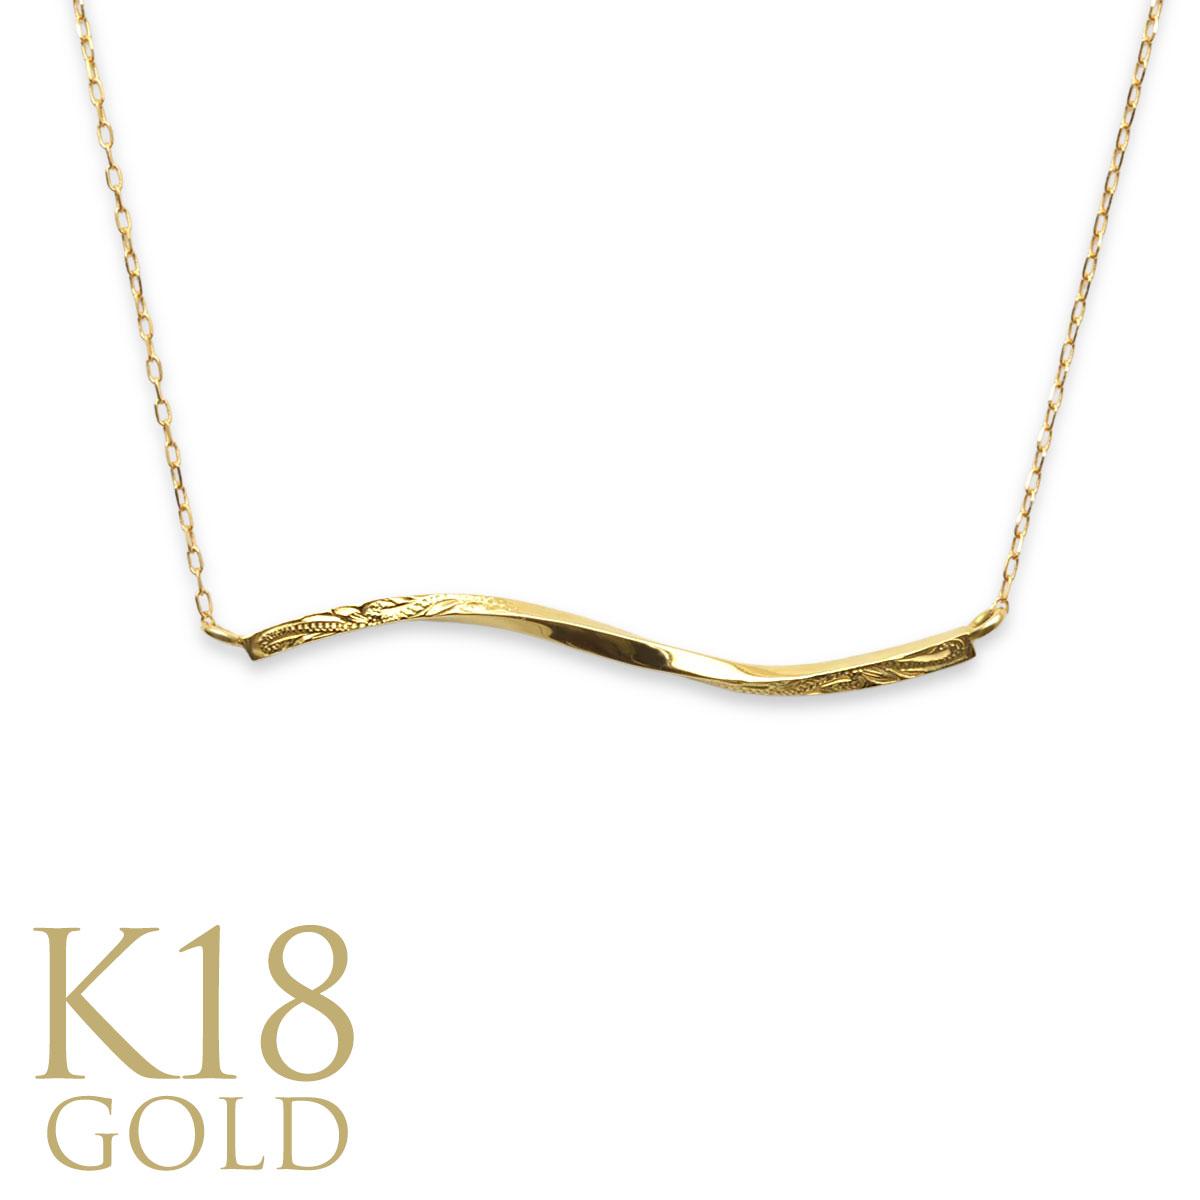 ハワイアンジュエリー ネックレス K18ゴールド 18金 カナニ ゴールド バーネックレス ane1630ae